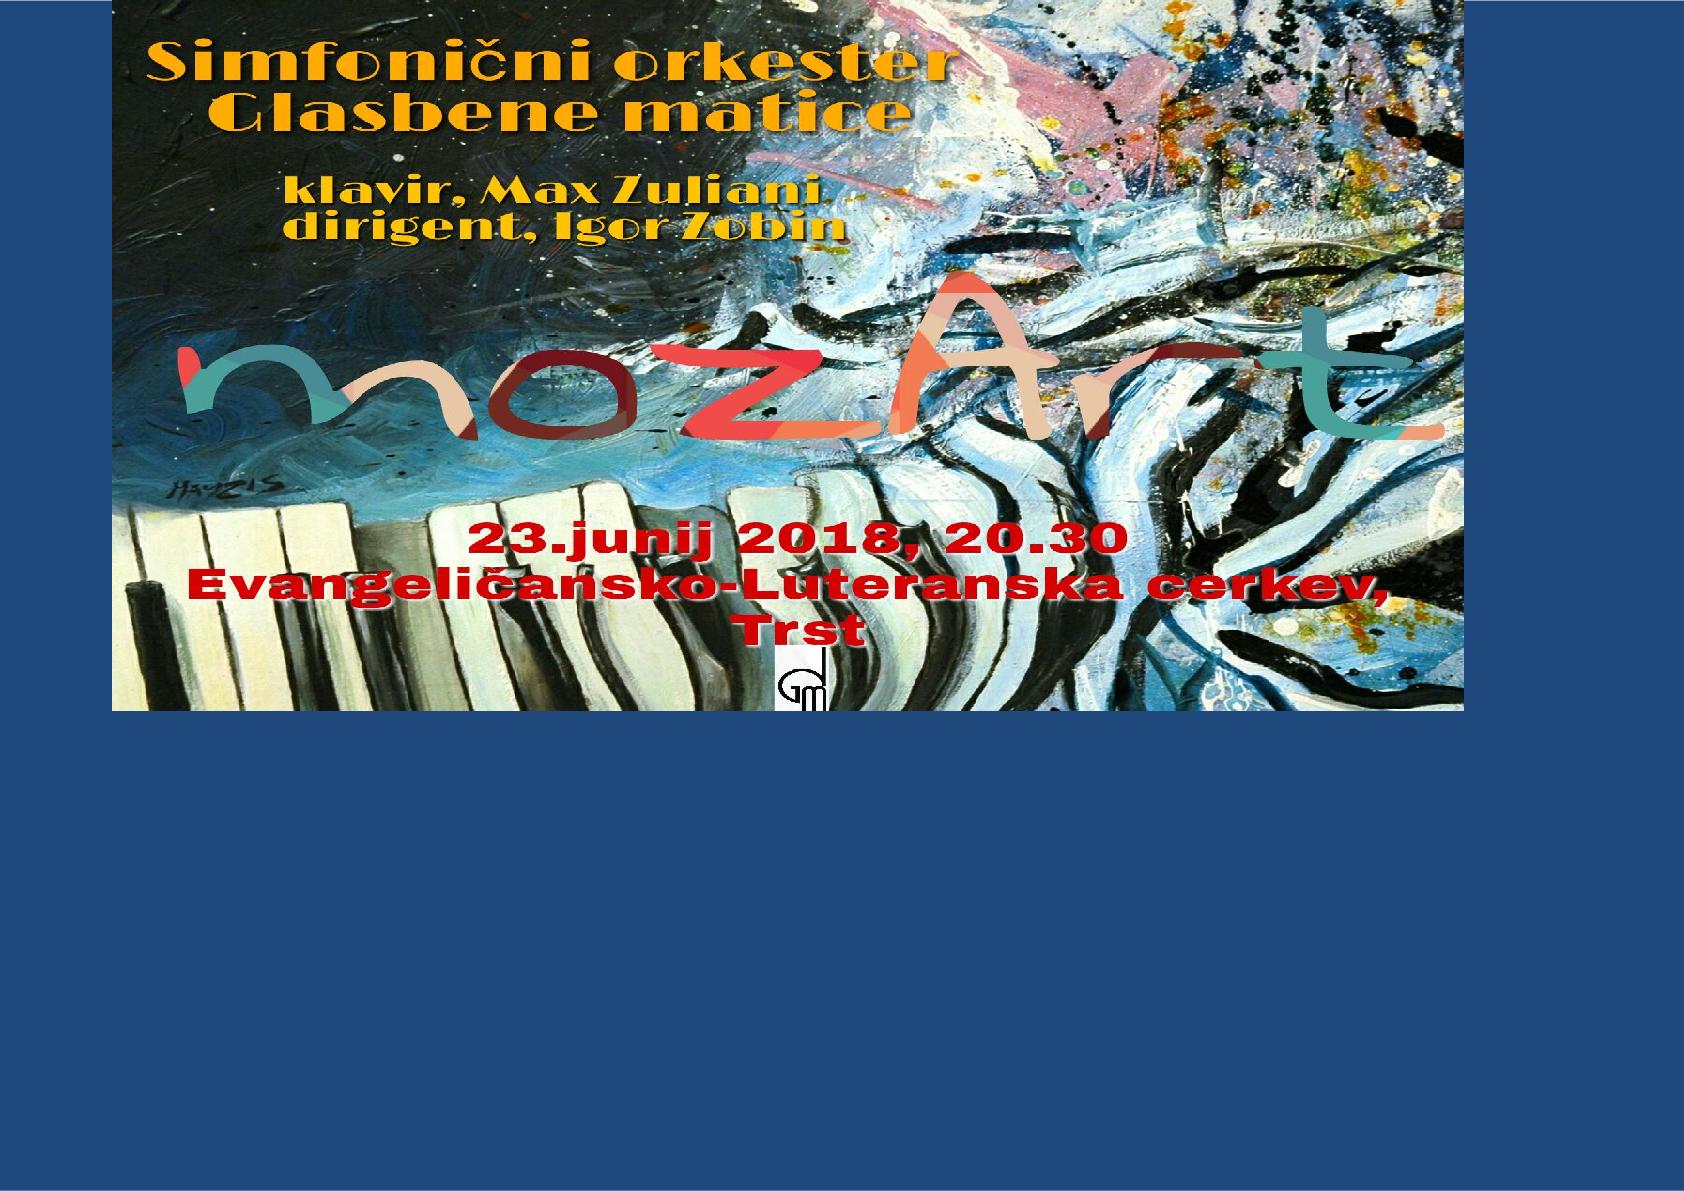 23.6.2018 ob 20.30 uri – koncert v Evangeličansko-Luteranski cerkvi